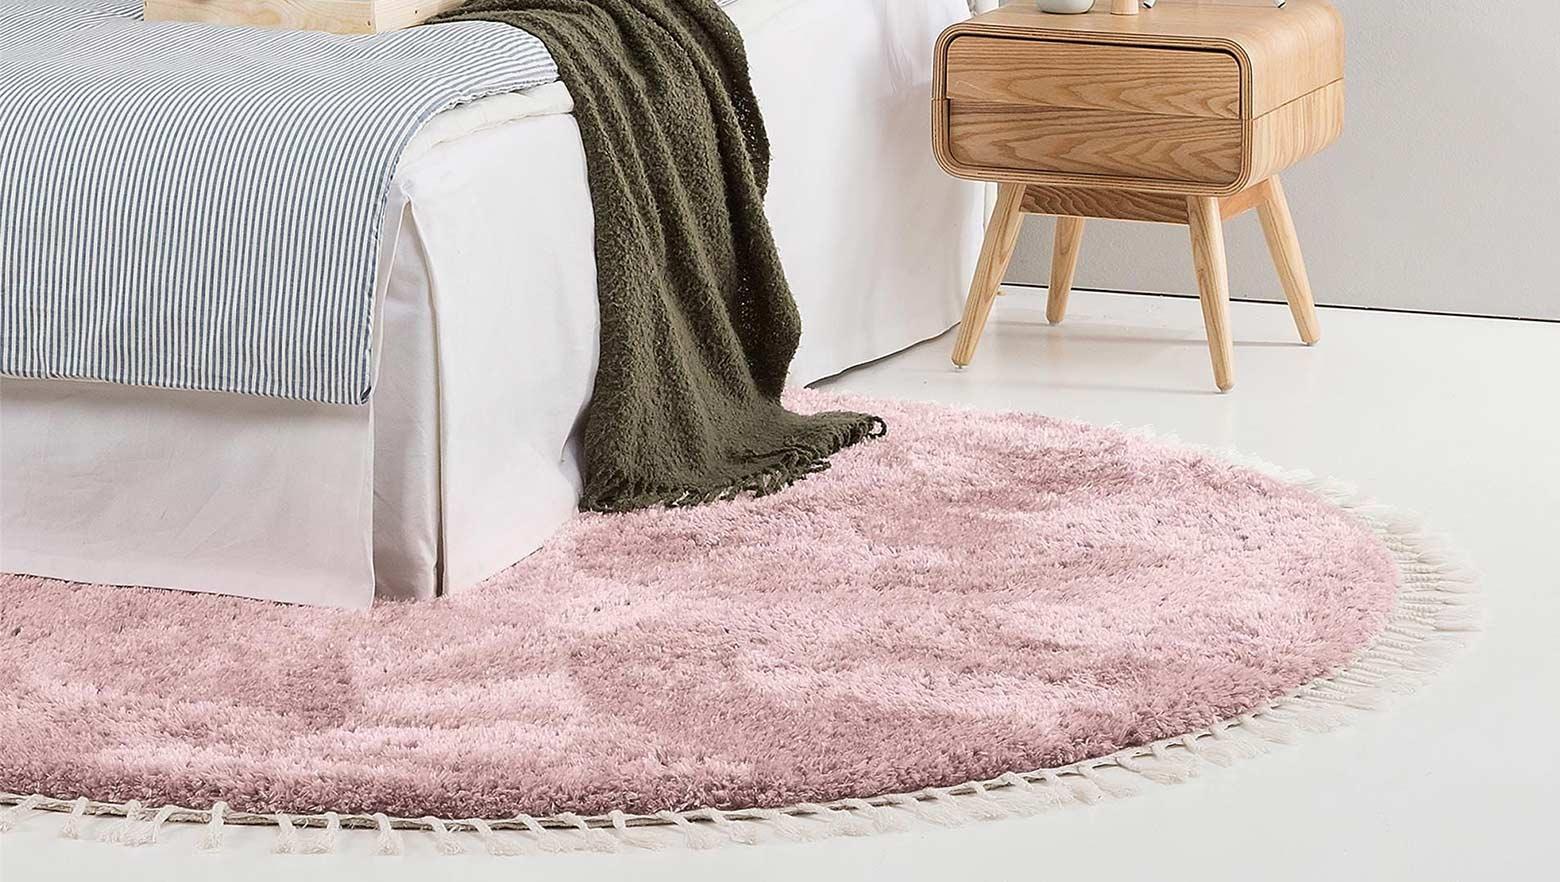 Full Size of Teppich Im Benuta Onlineshop Versandkostenfrei Bestellen Betten Ikea 160x200 Küche Kosten Modulküche Bei Miniküche Kaufen Sofa Mit Schlaffunktion Wohnzimmer Küchenläufer Ikea